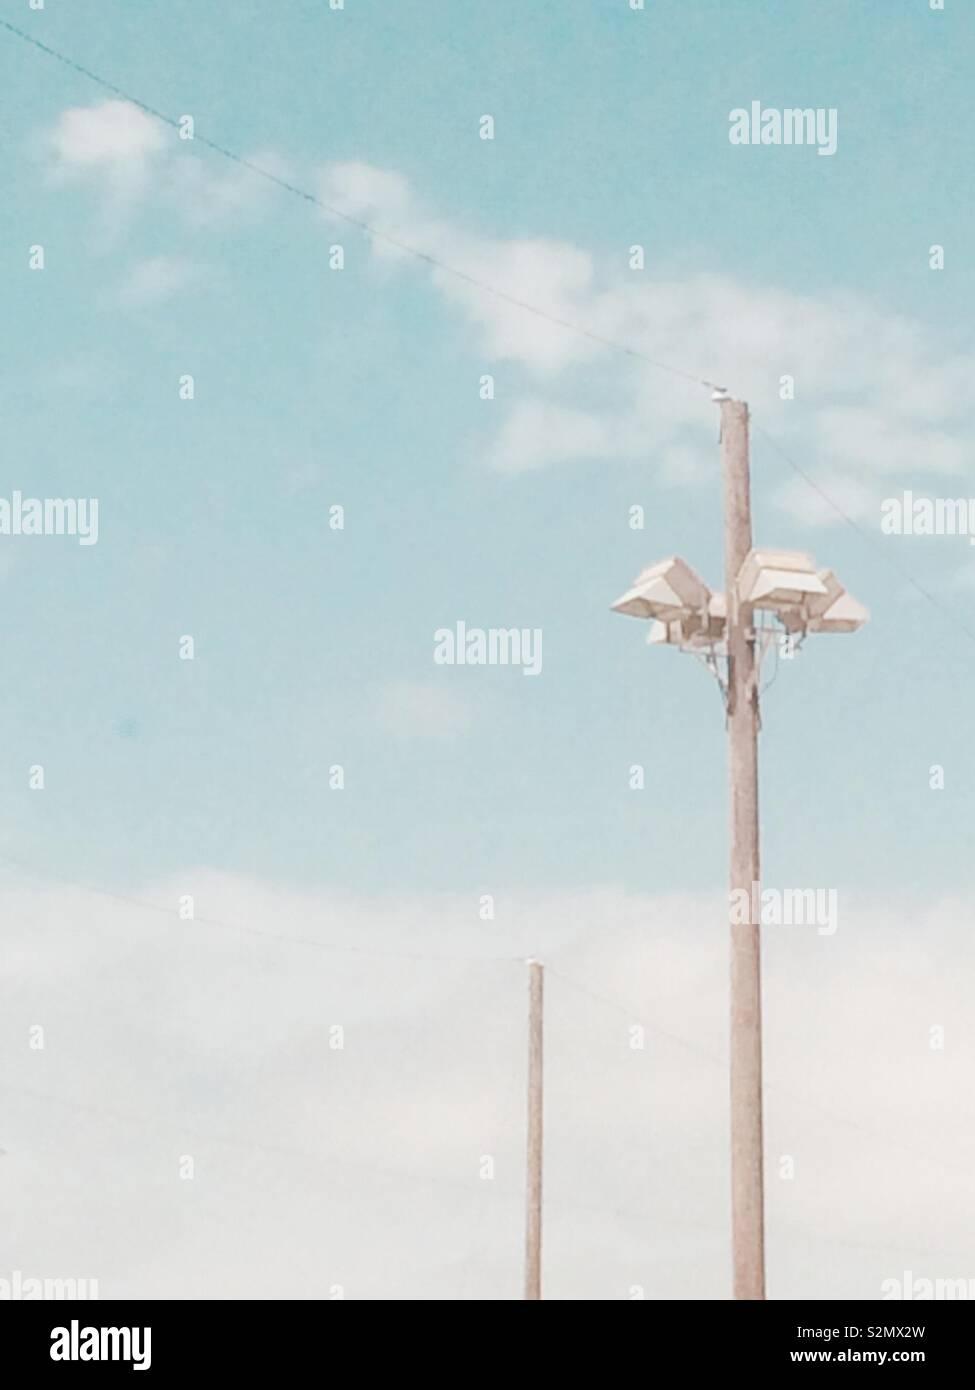 Lichtmasten vor blauem Himmel Stockfoto